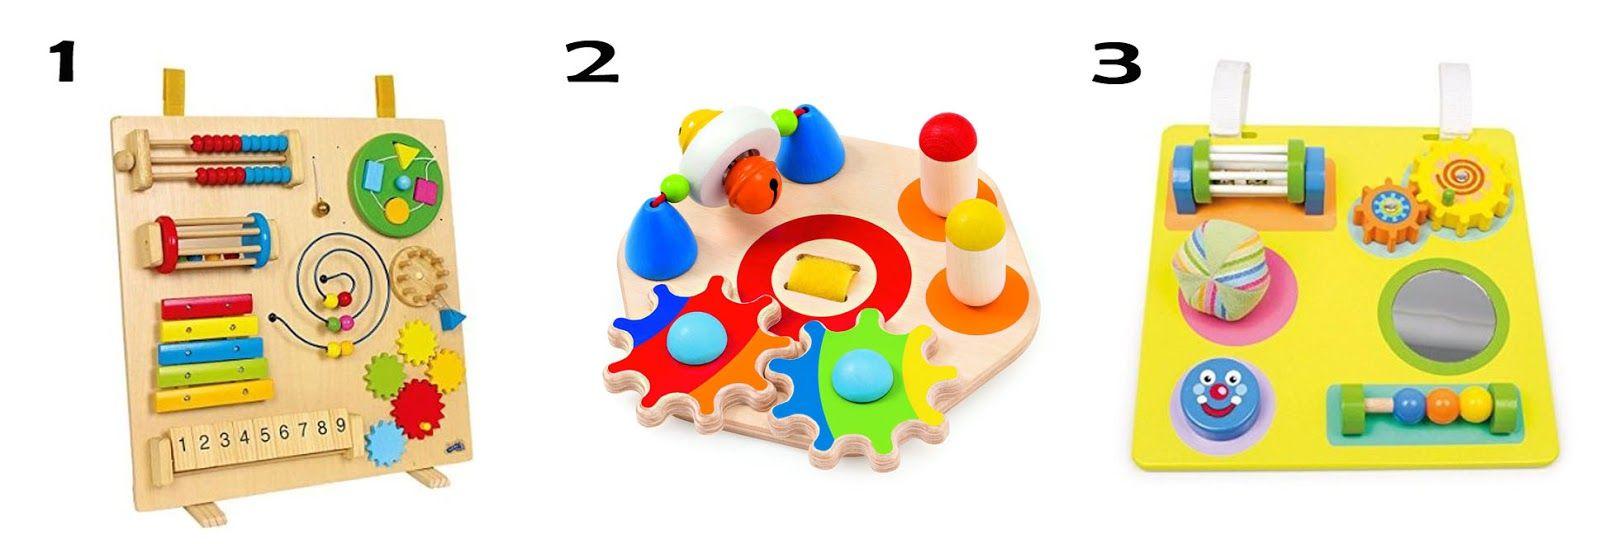 Más De 100 Ideas De Juguetes Educativos Para Bebés De 0 A 1 Años Montessori Friendly Juguetes Educativos Juguetes Montessori